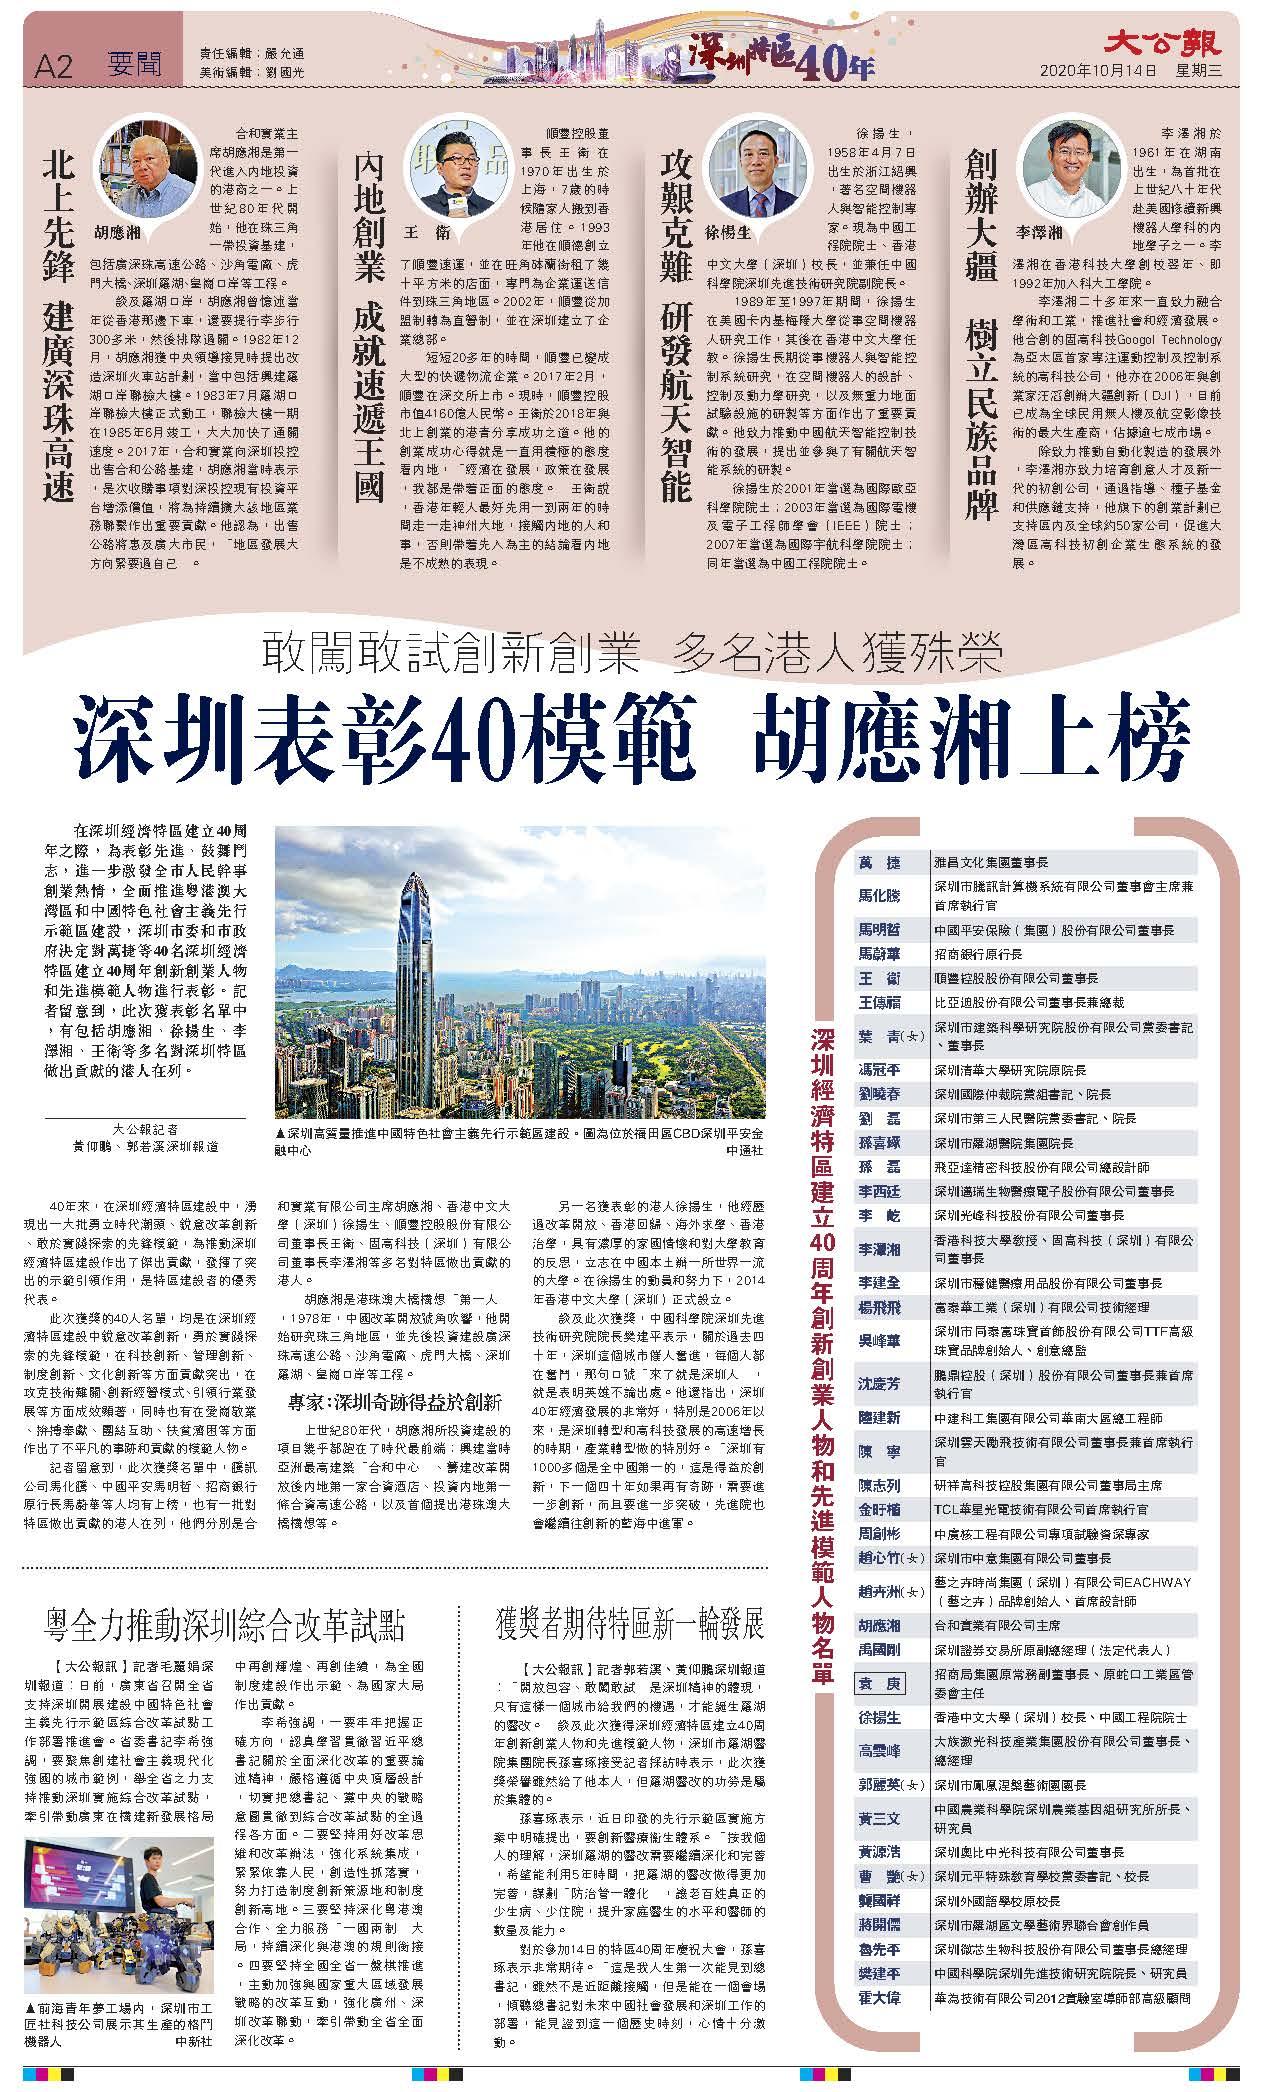 深圳表彰40模範 胡應湘上榜